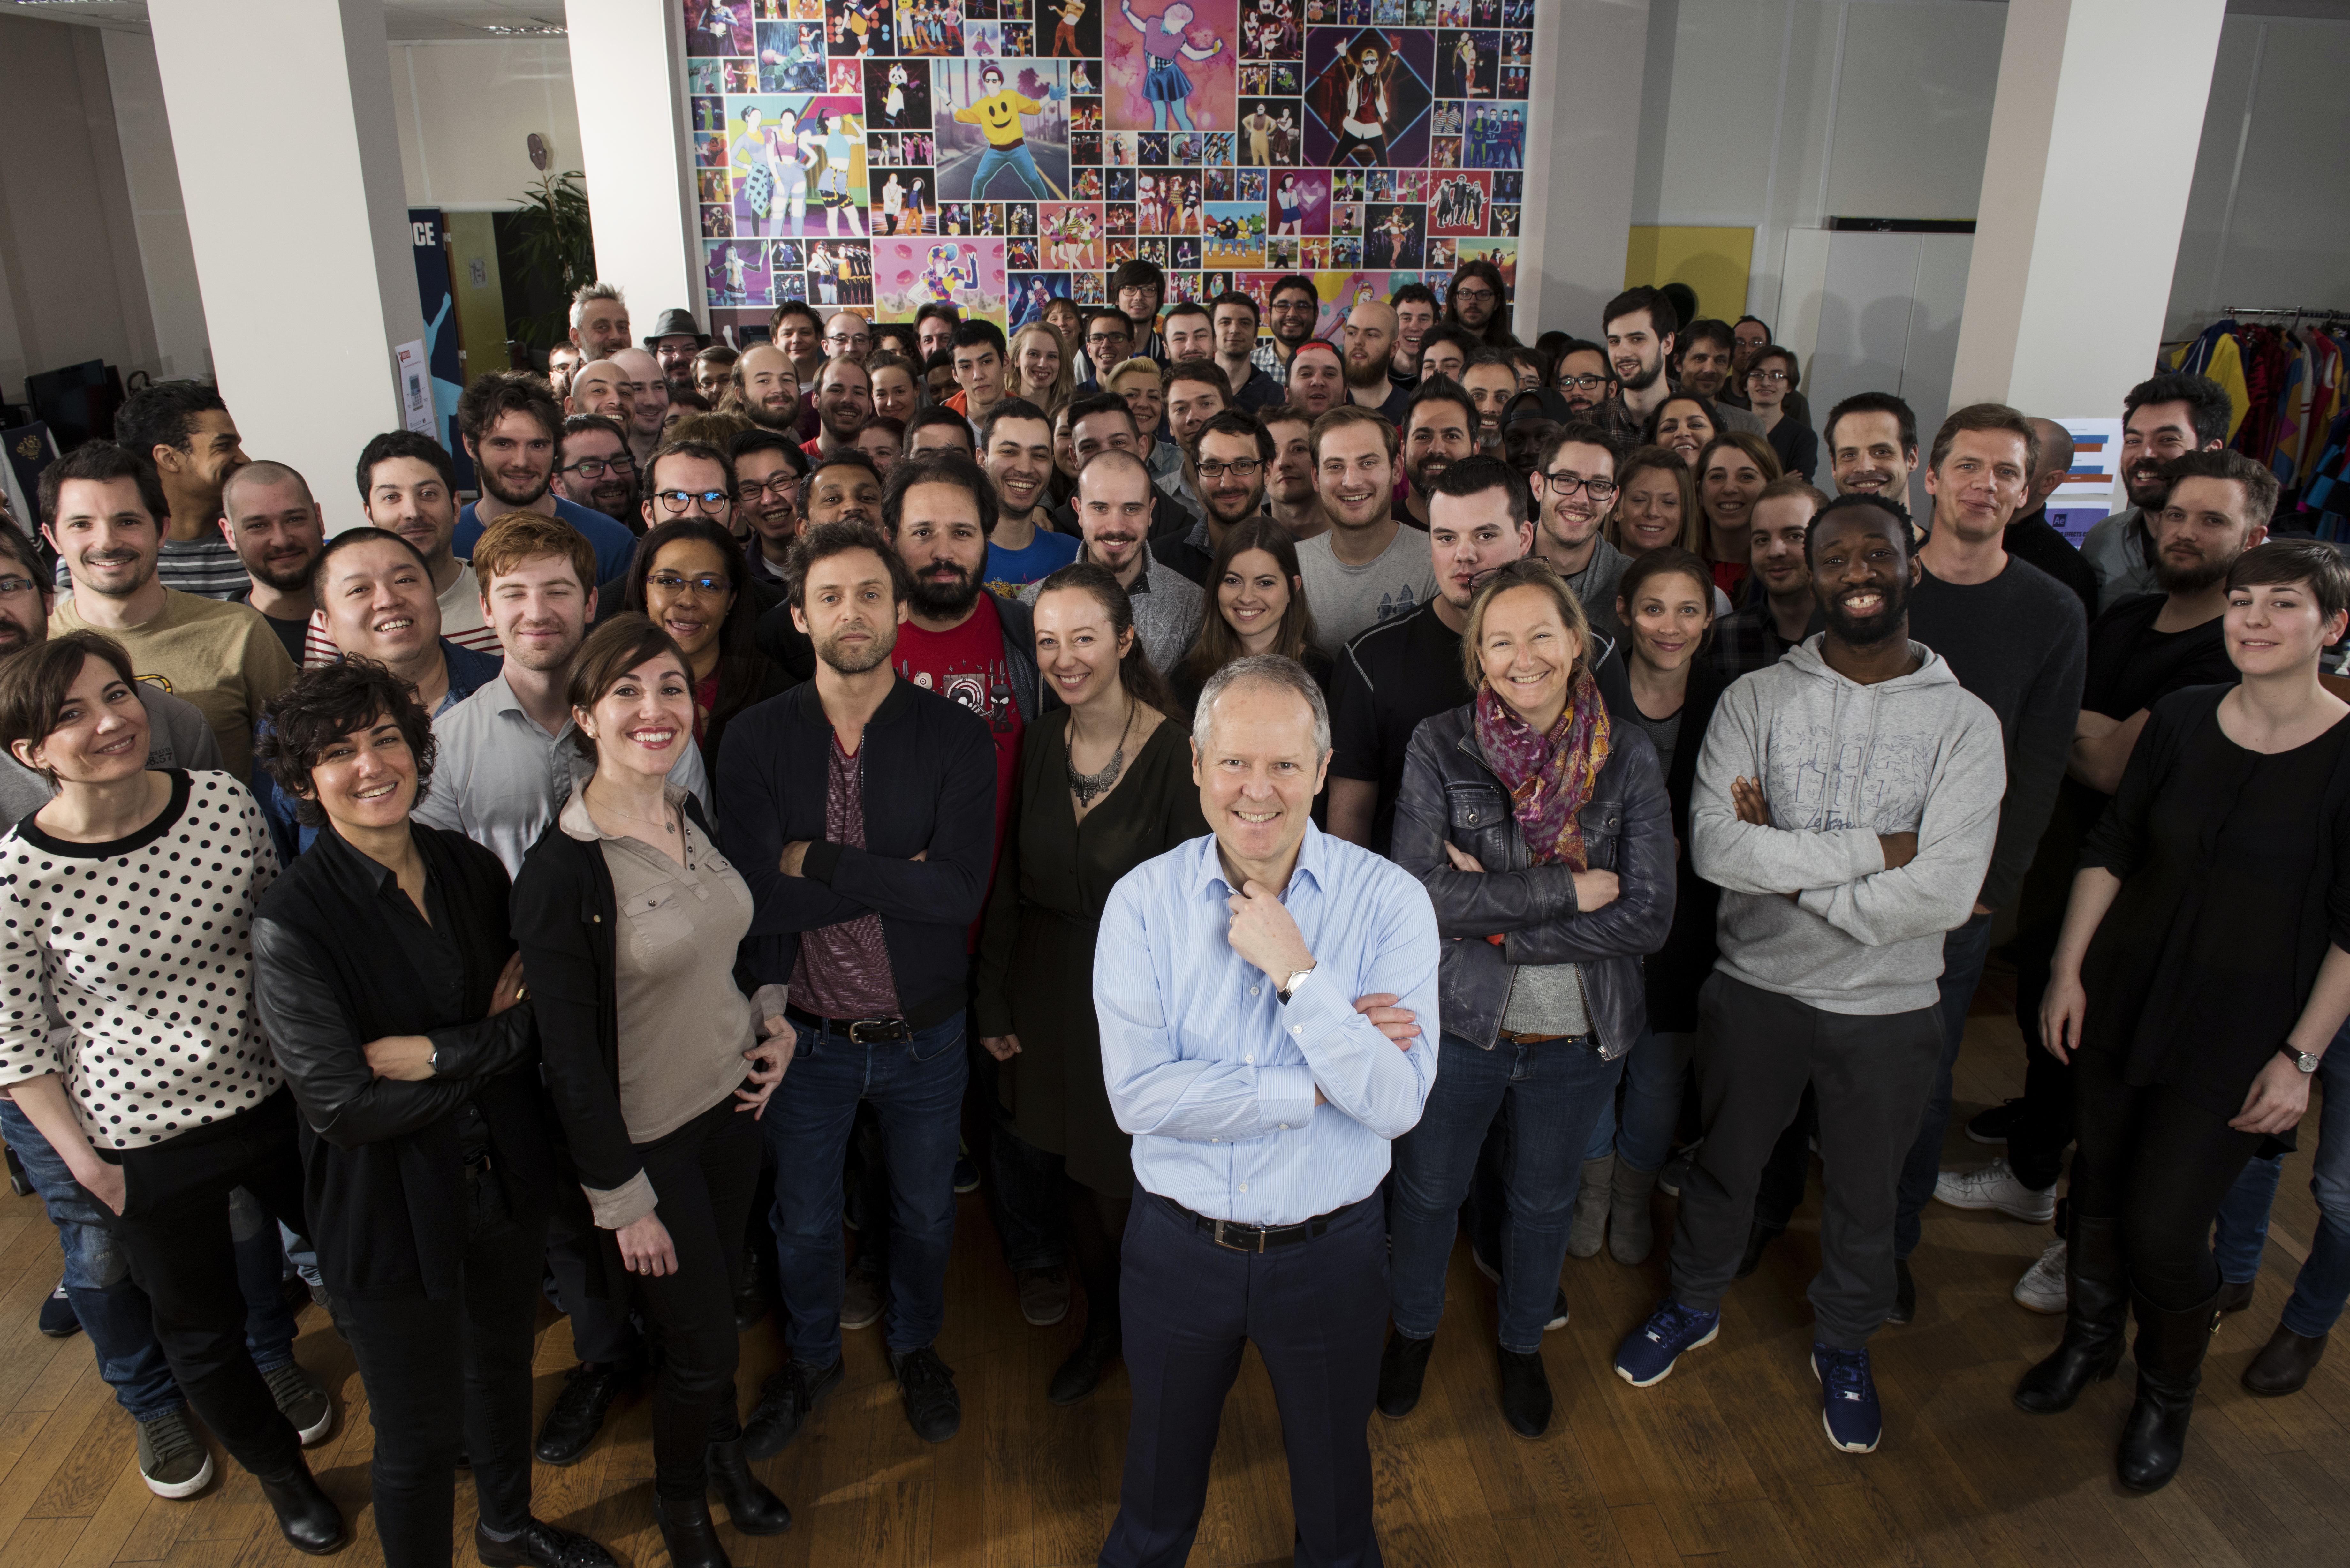 Yves Guillemot nommé l'un des PDG les plus appréciés de Glassdoor en 2017